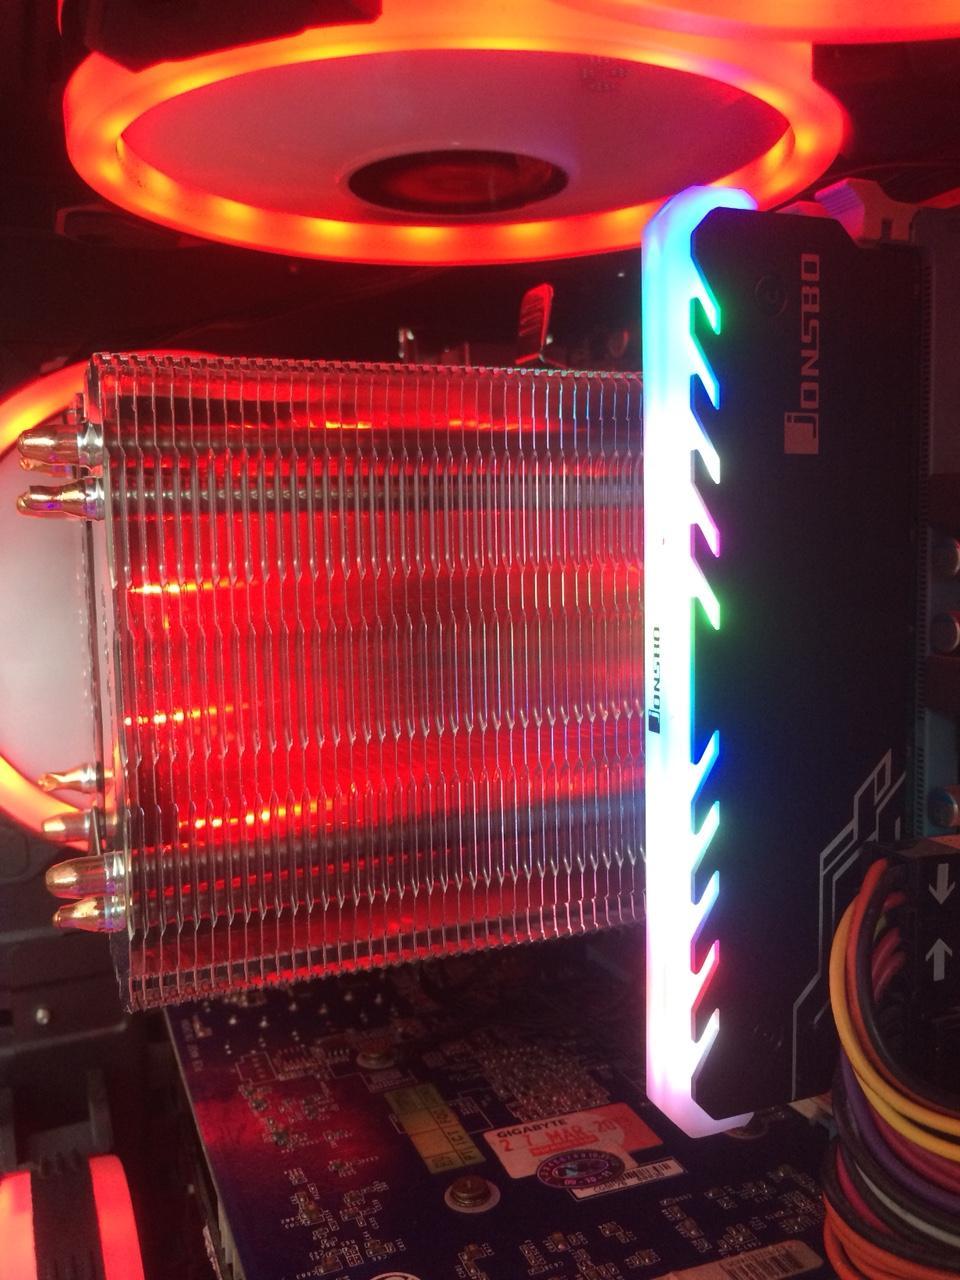 Hình ảnh tản nhiệt khí cpu 4 ống đồng led đỏ